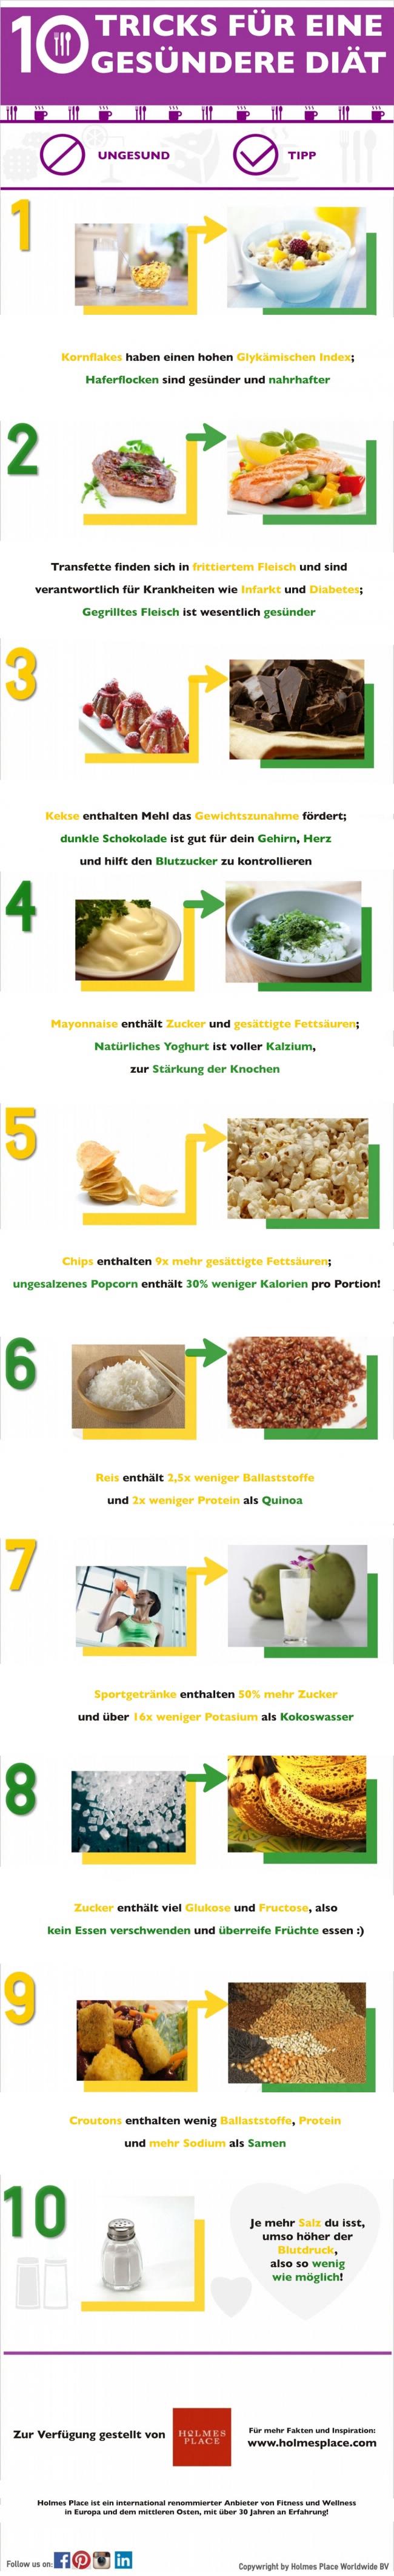 article_10tricks_diet_infographic_DE